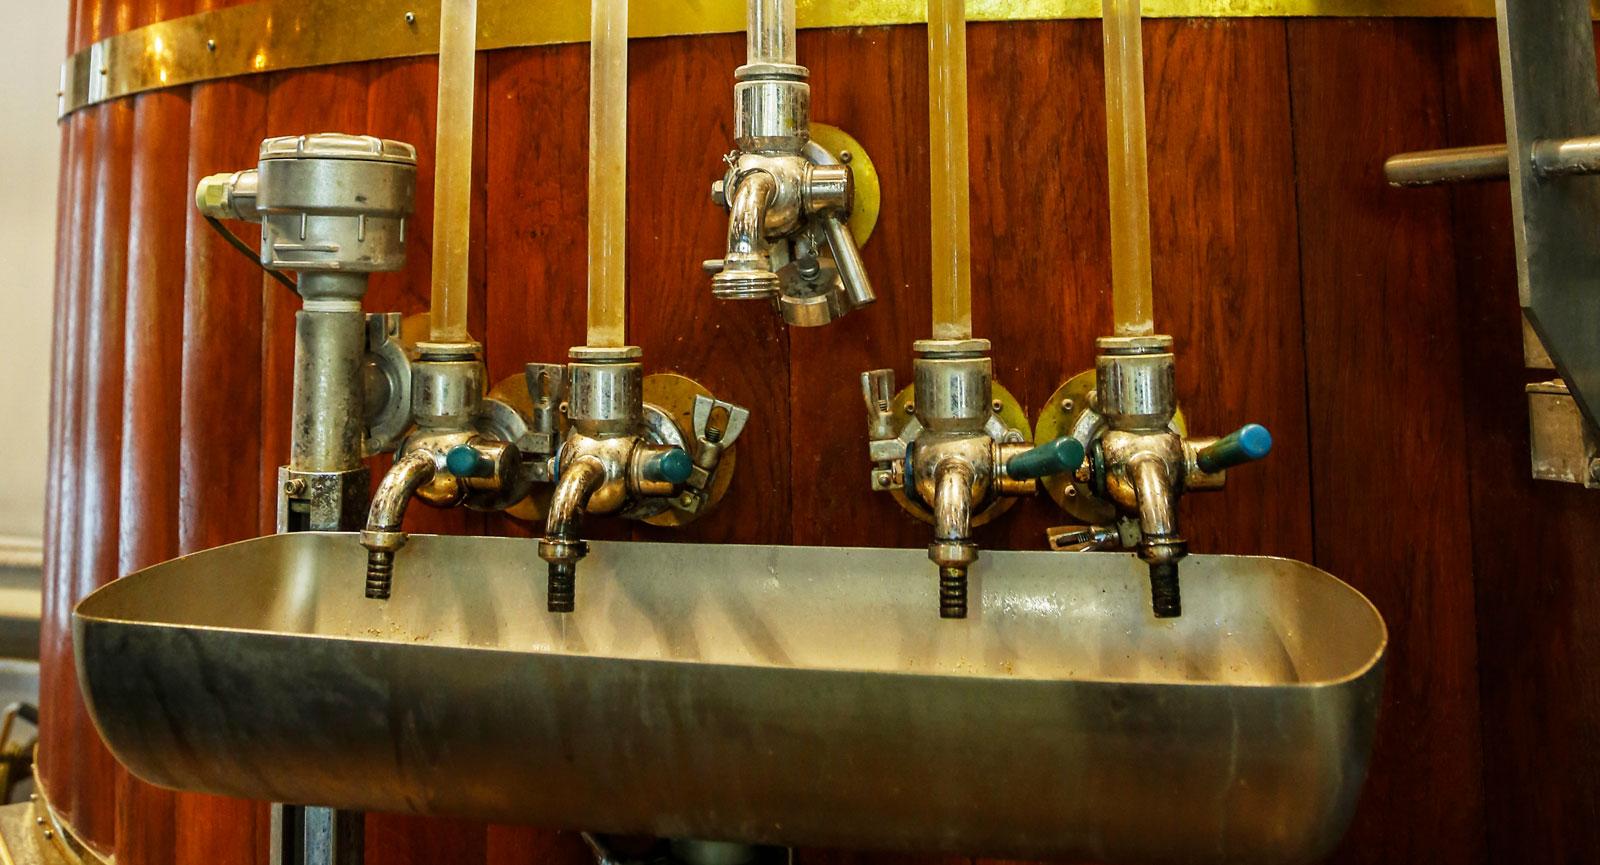 Sommartid hålls regelbundna guidade turer i bryggeriet.